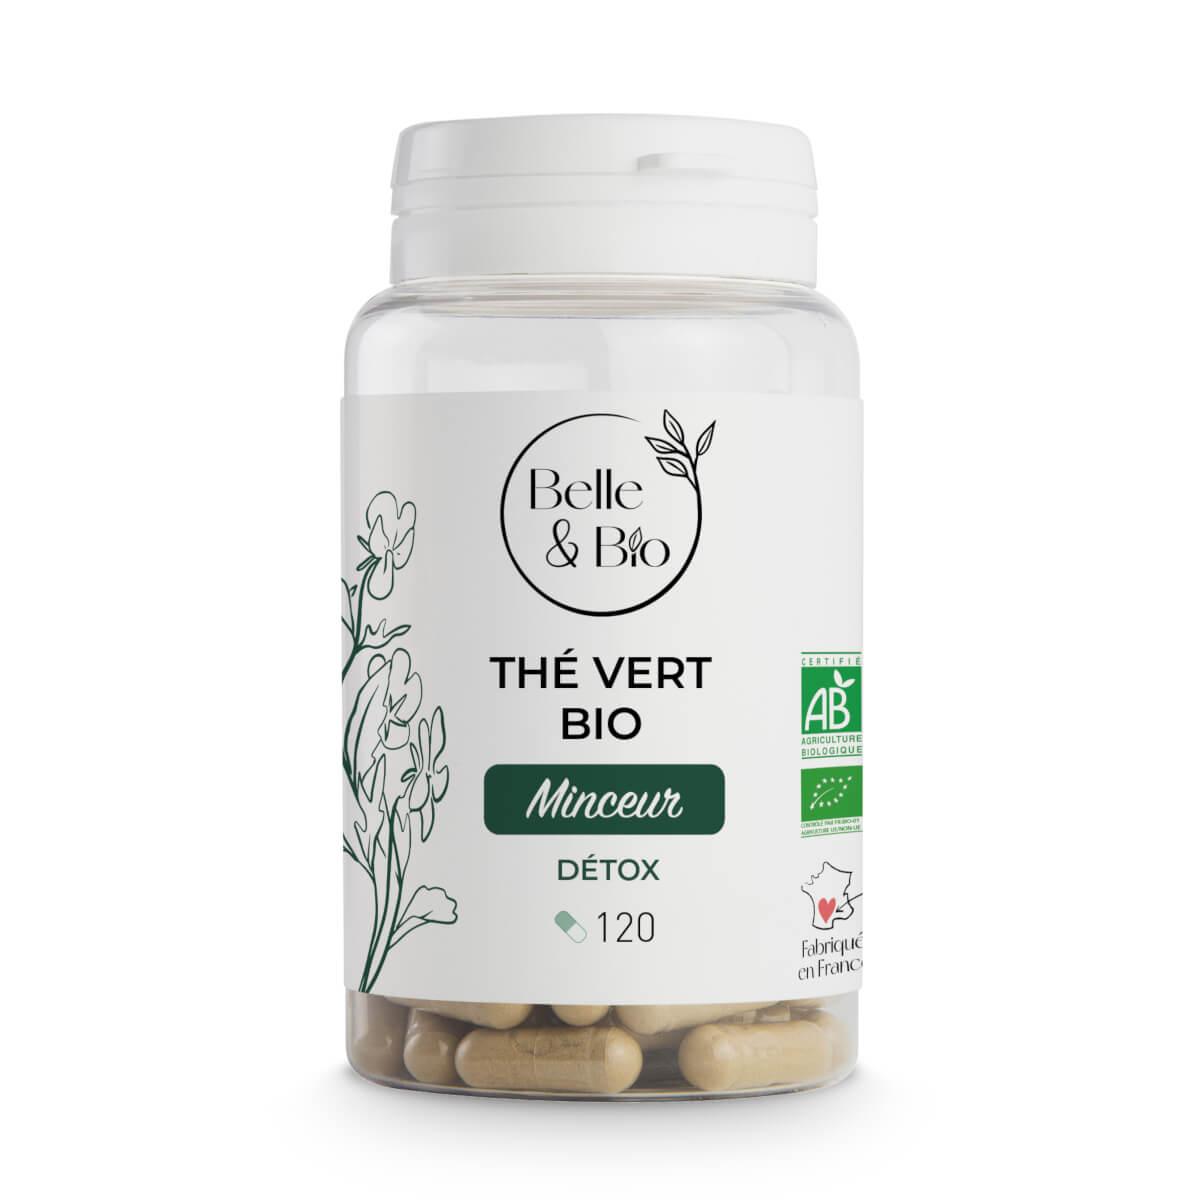 Belle & Bio - Thé Vert Bio - Minceur - 120 Gélules - Certifié AB par Ecocert